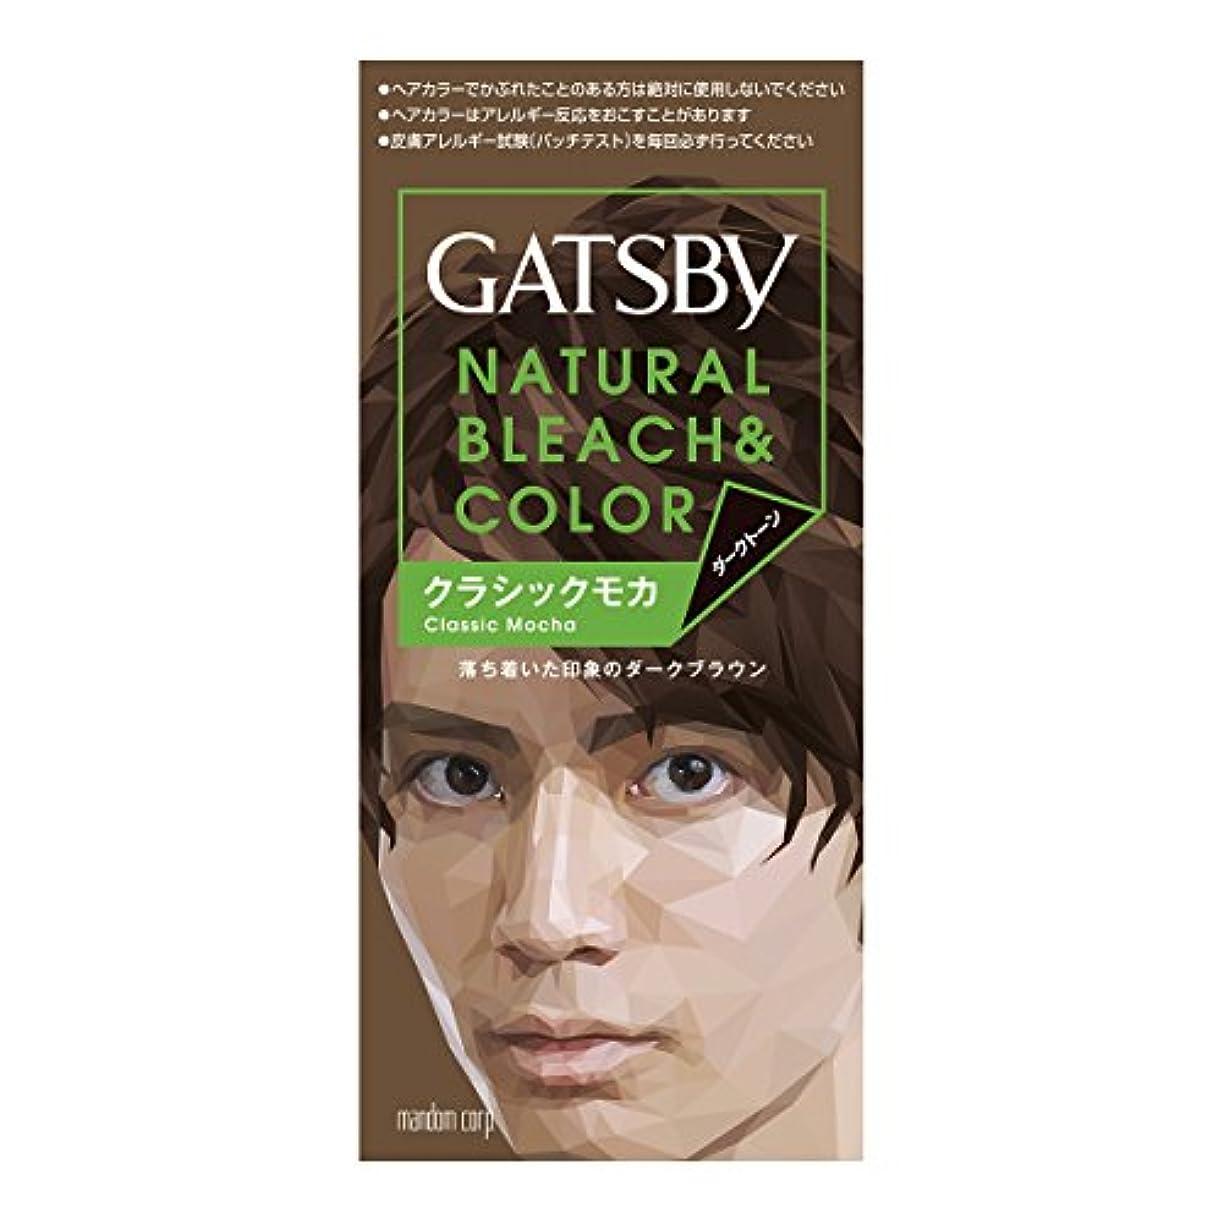 維持するストライプ唇ギャツビー ナチュラルブリーチカラー クラシックモカ【HTRC5.1】